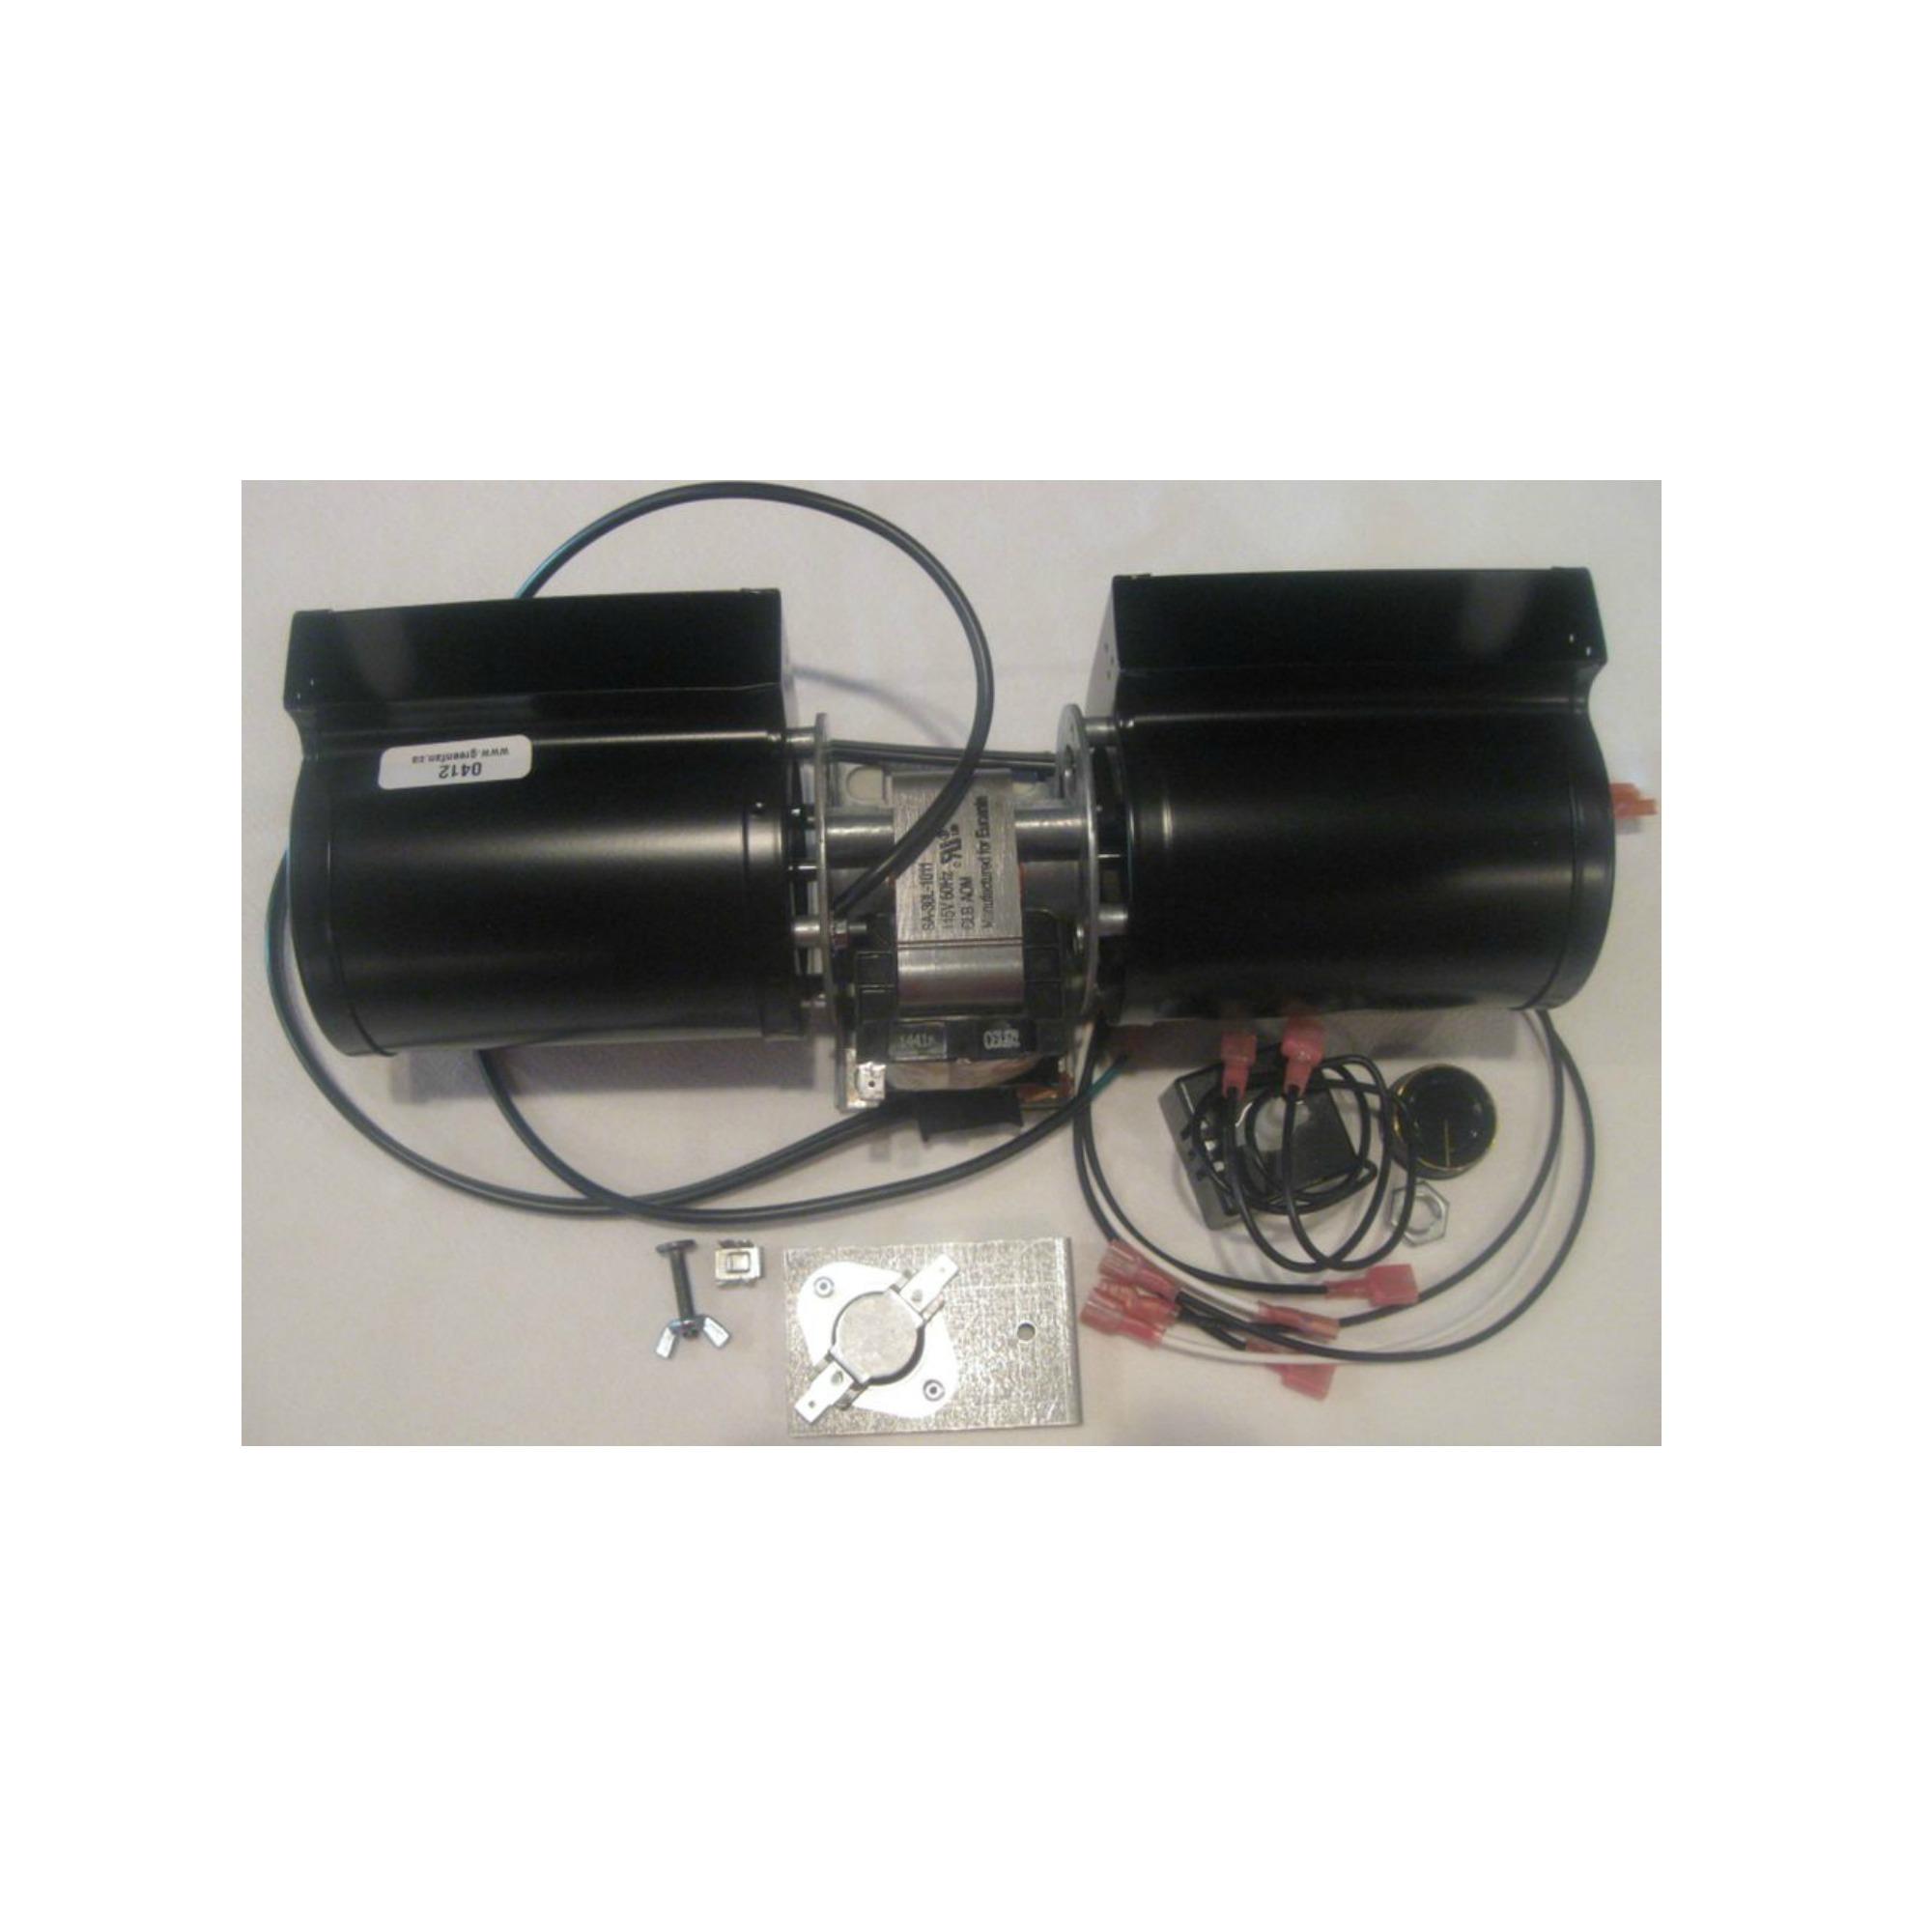 Gas Fireplace Fan Kit Blower Heat N Glo Gfk 160a